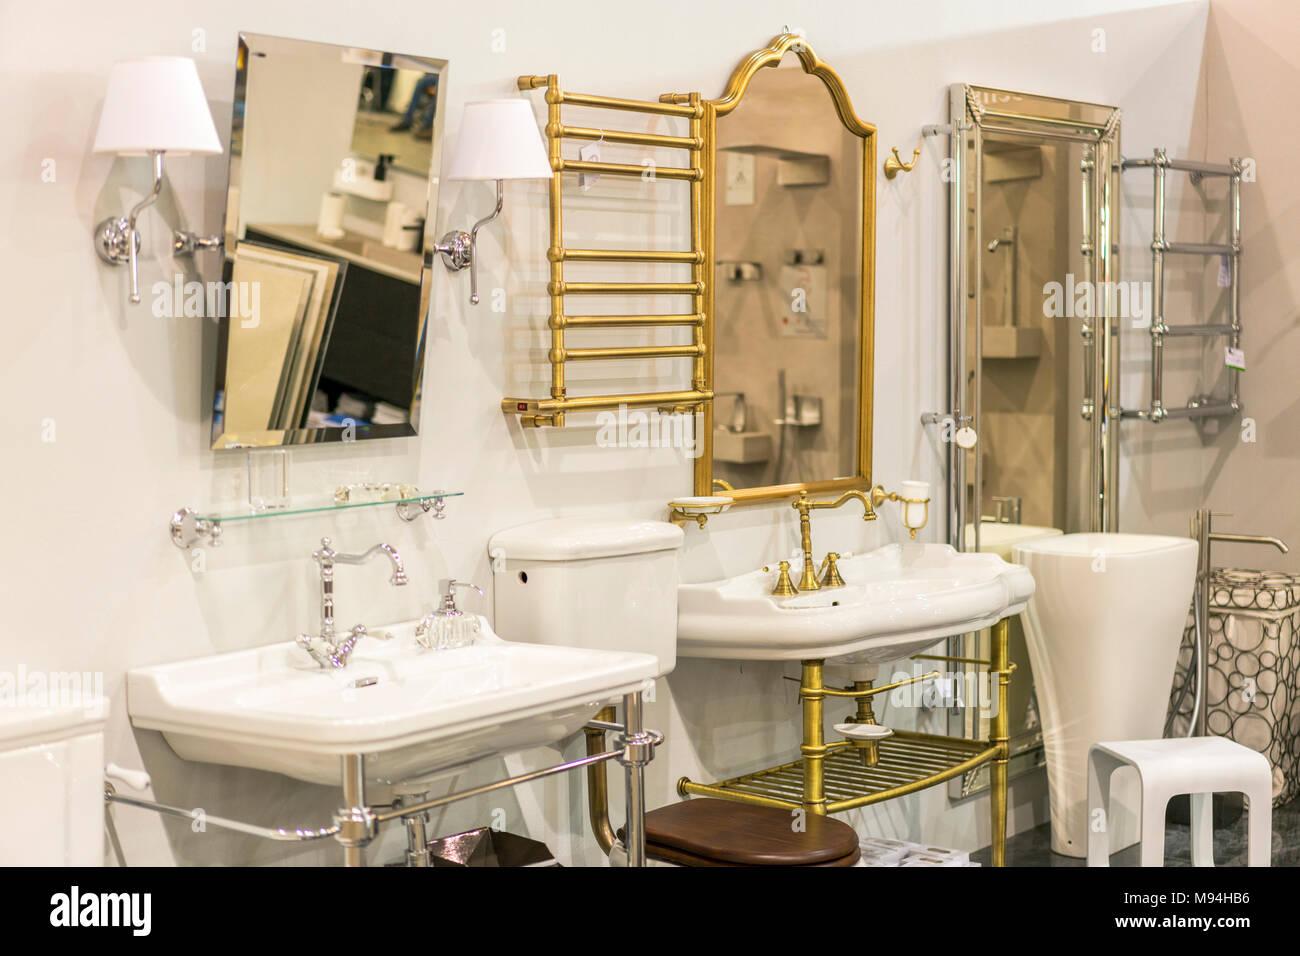 Bagno Shop Lavandini Termoarredo Specchi Foto Immagine Stock